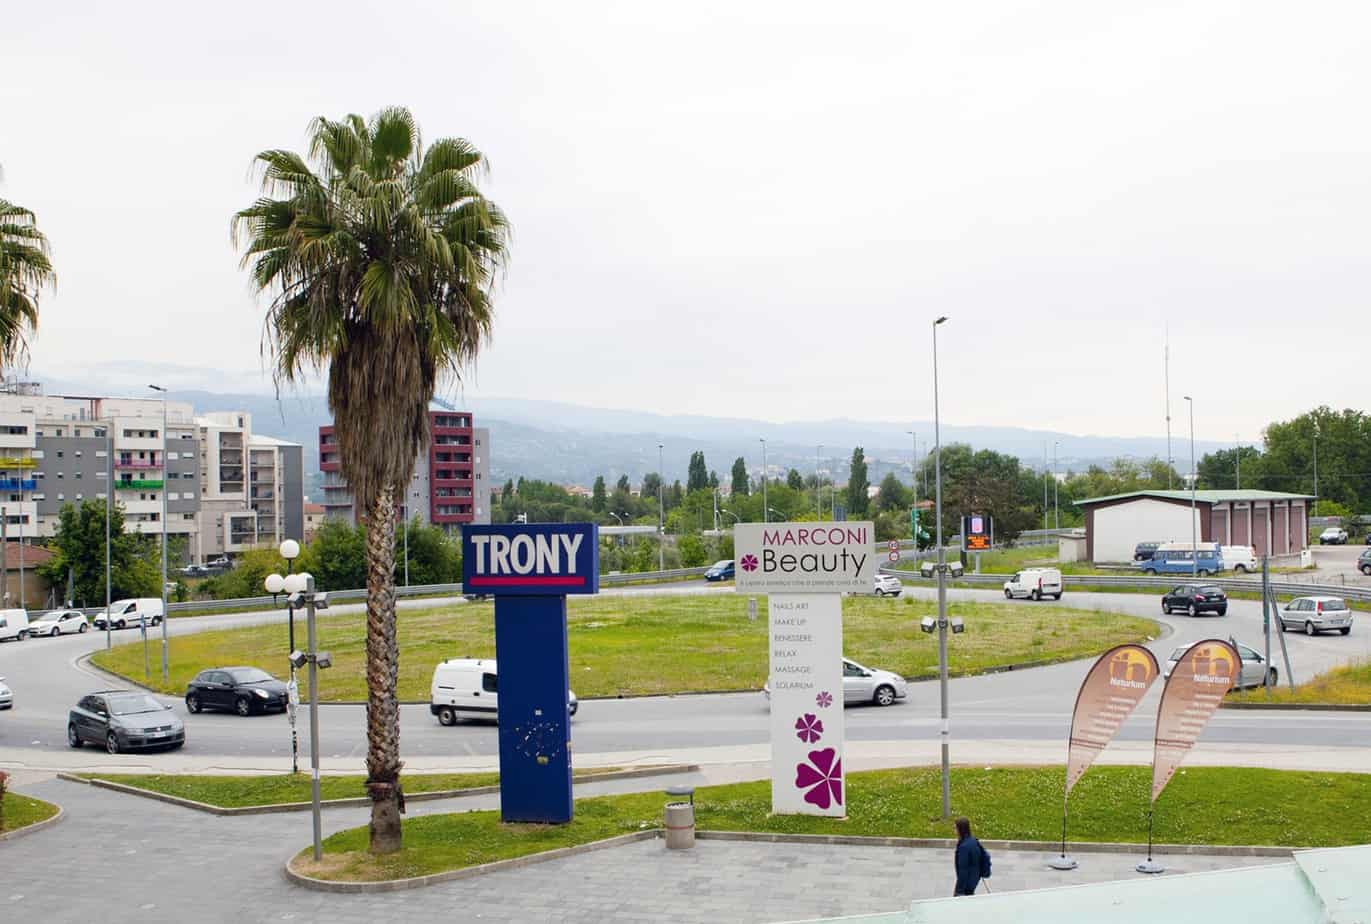 Una vista di una rotatoria nel centro urbano di Rende